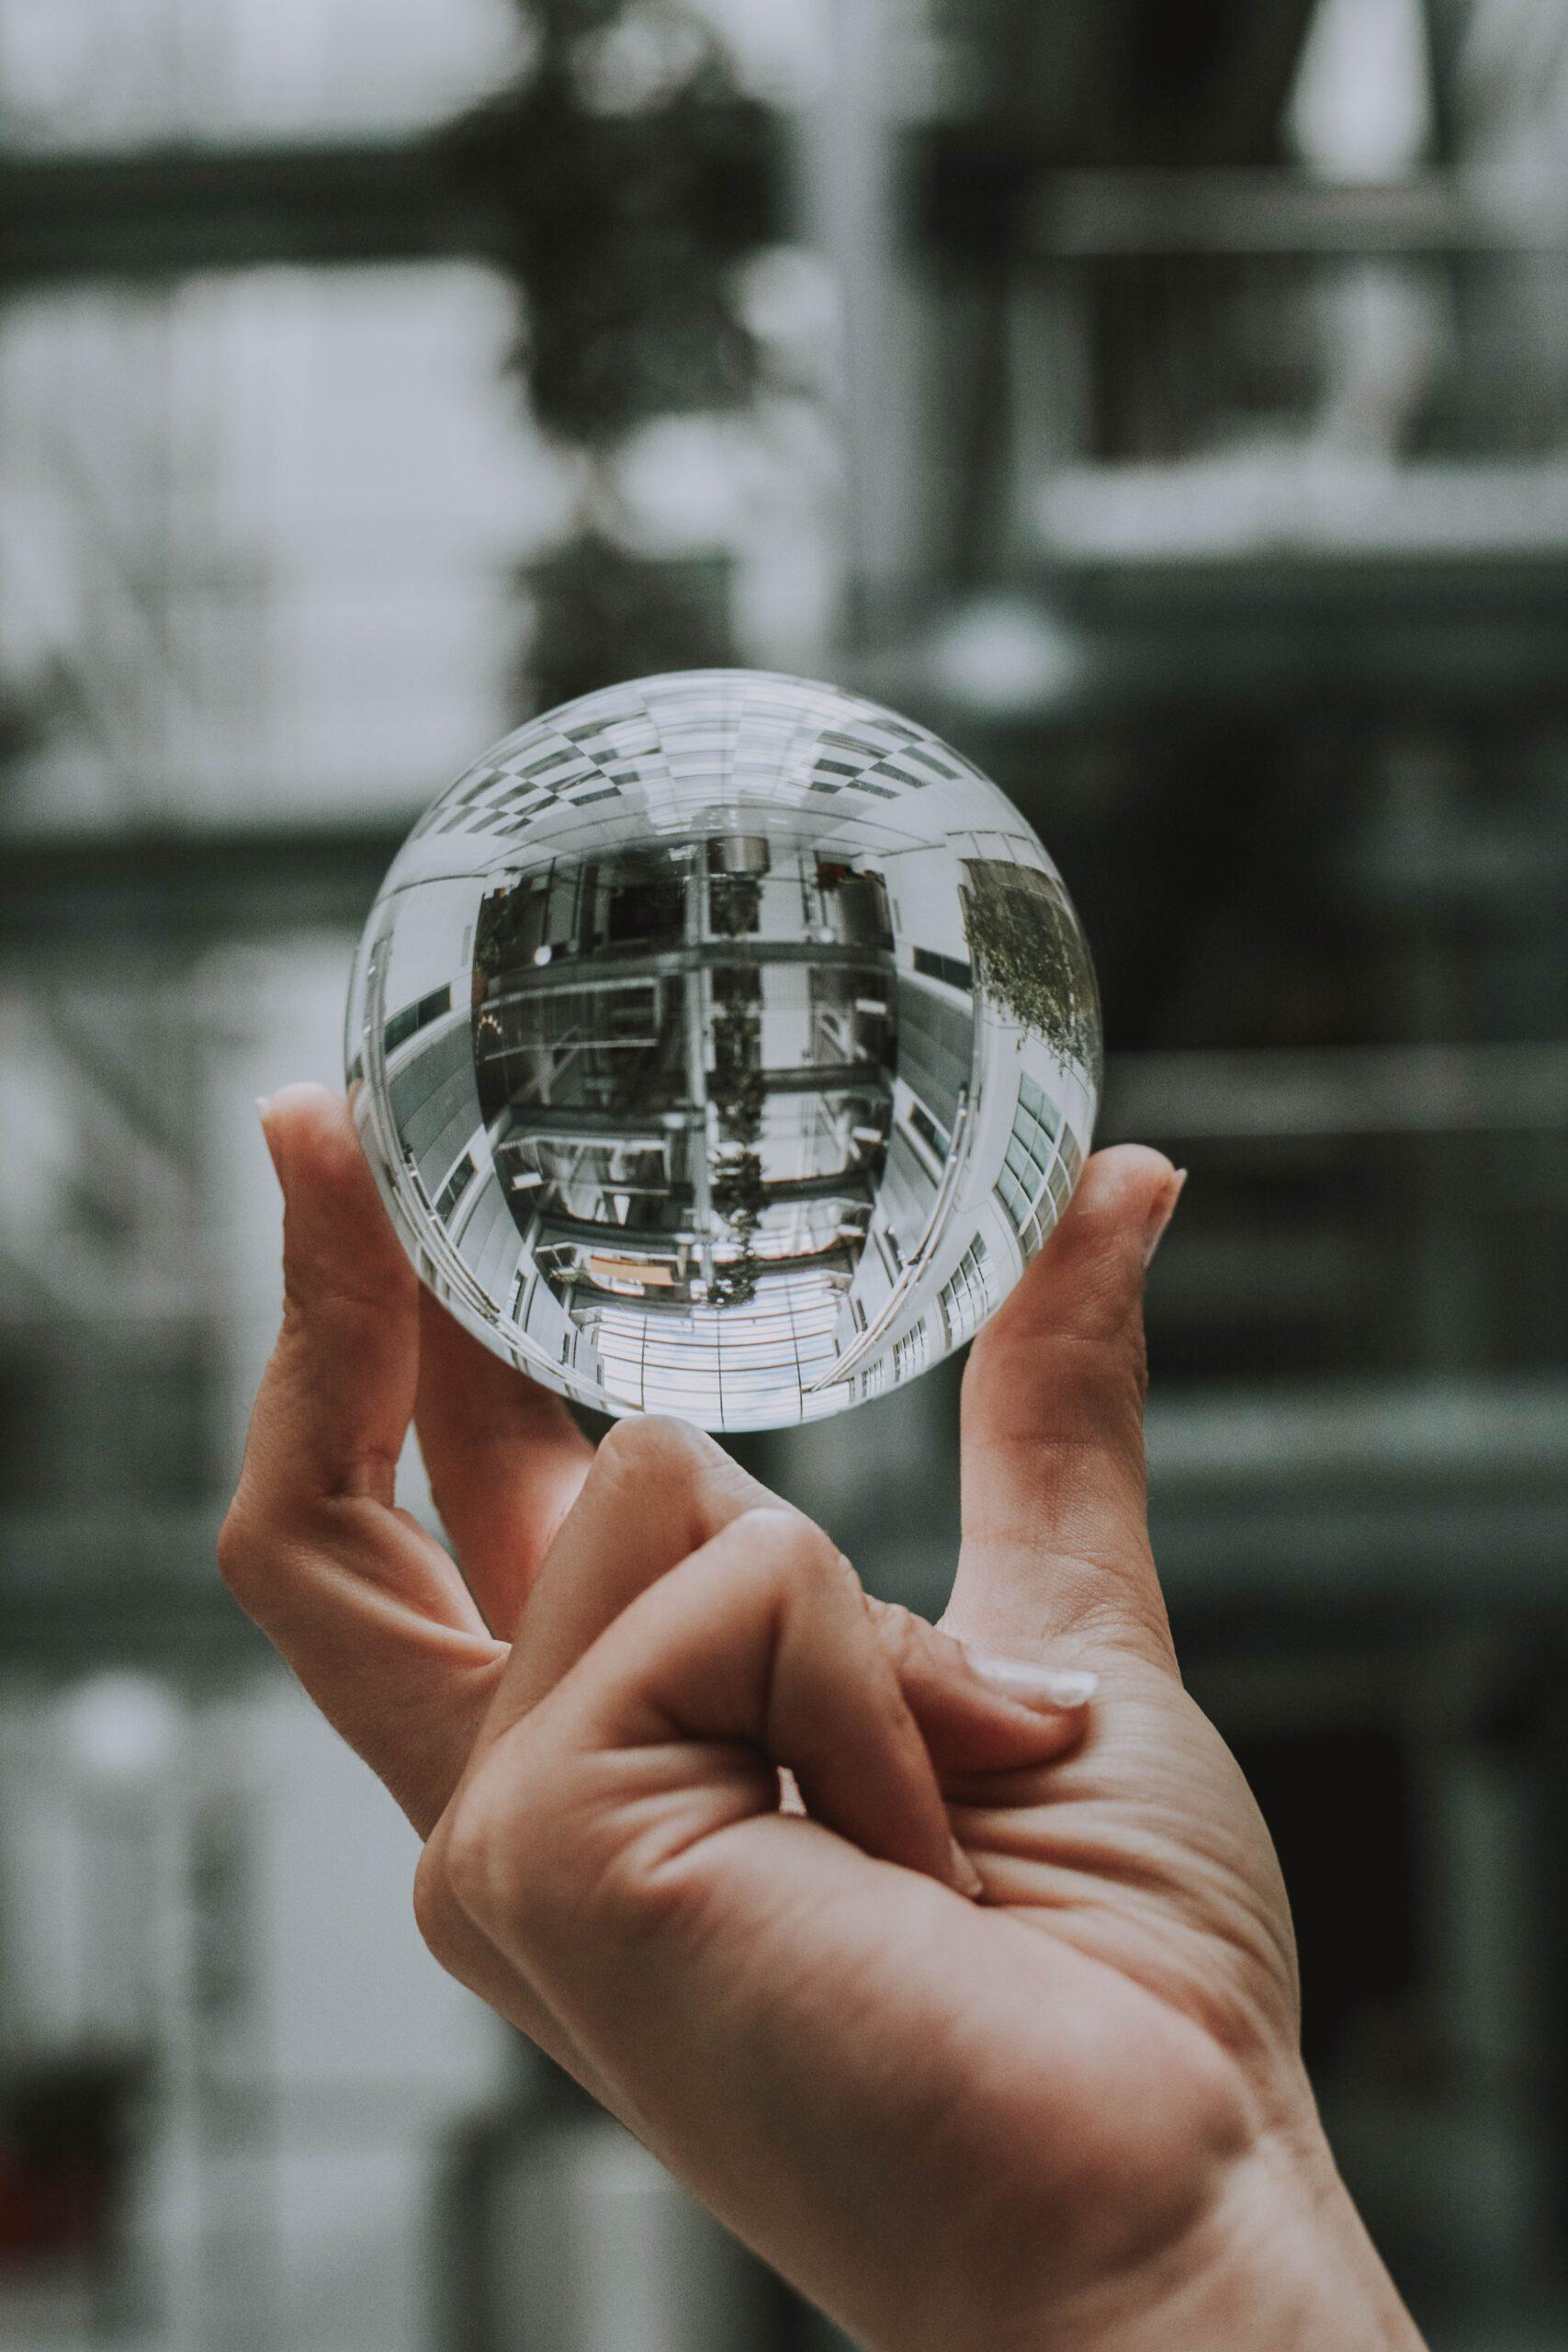 My Life In Spheres